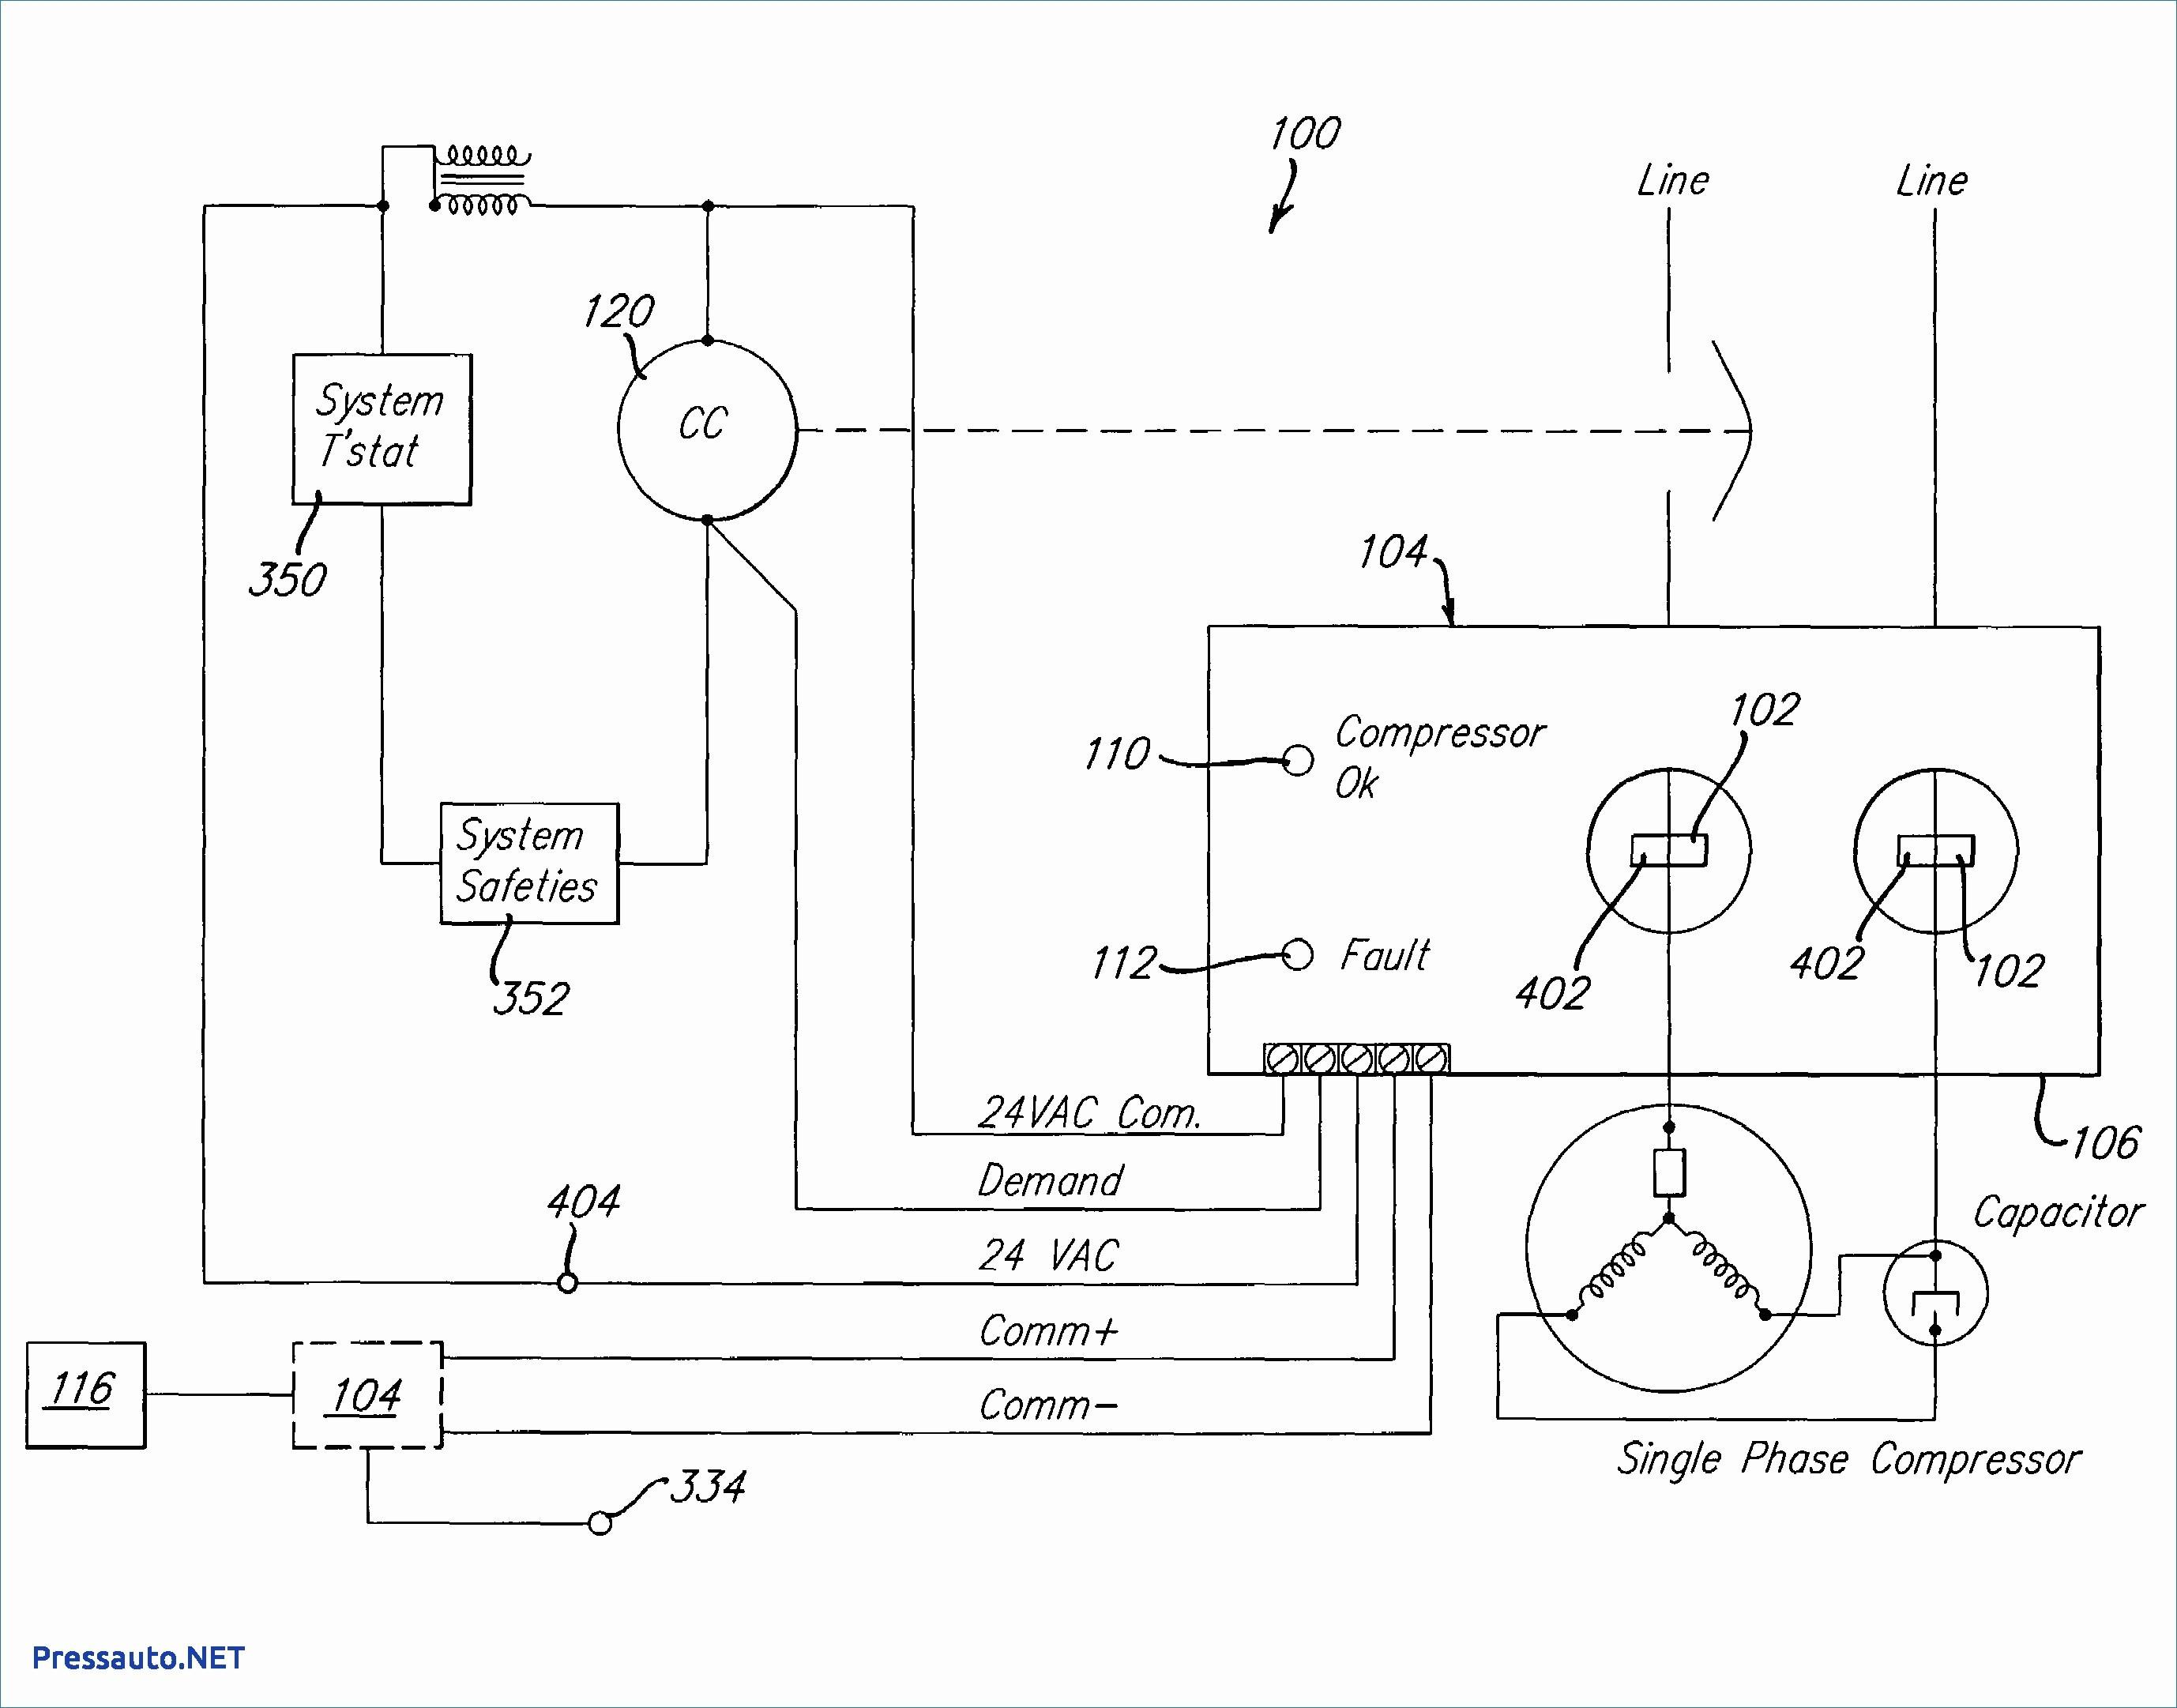 Refrigerator pressor Wiring Diagram Inspirational Refrigerator